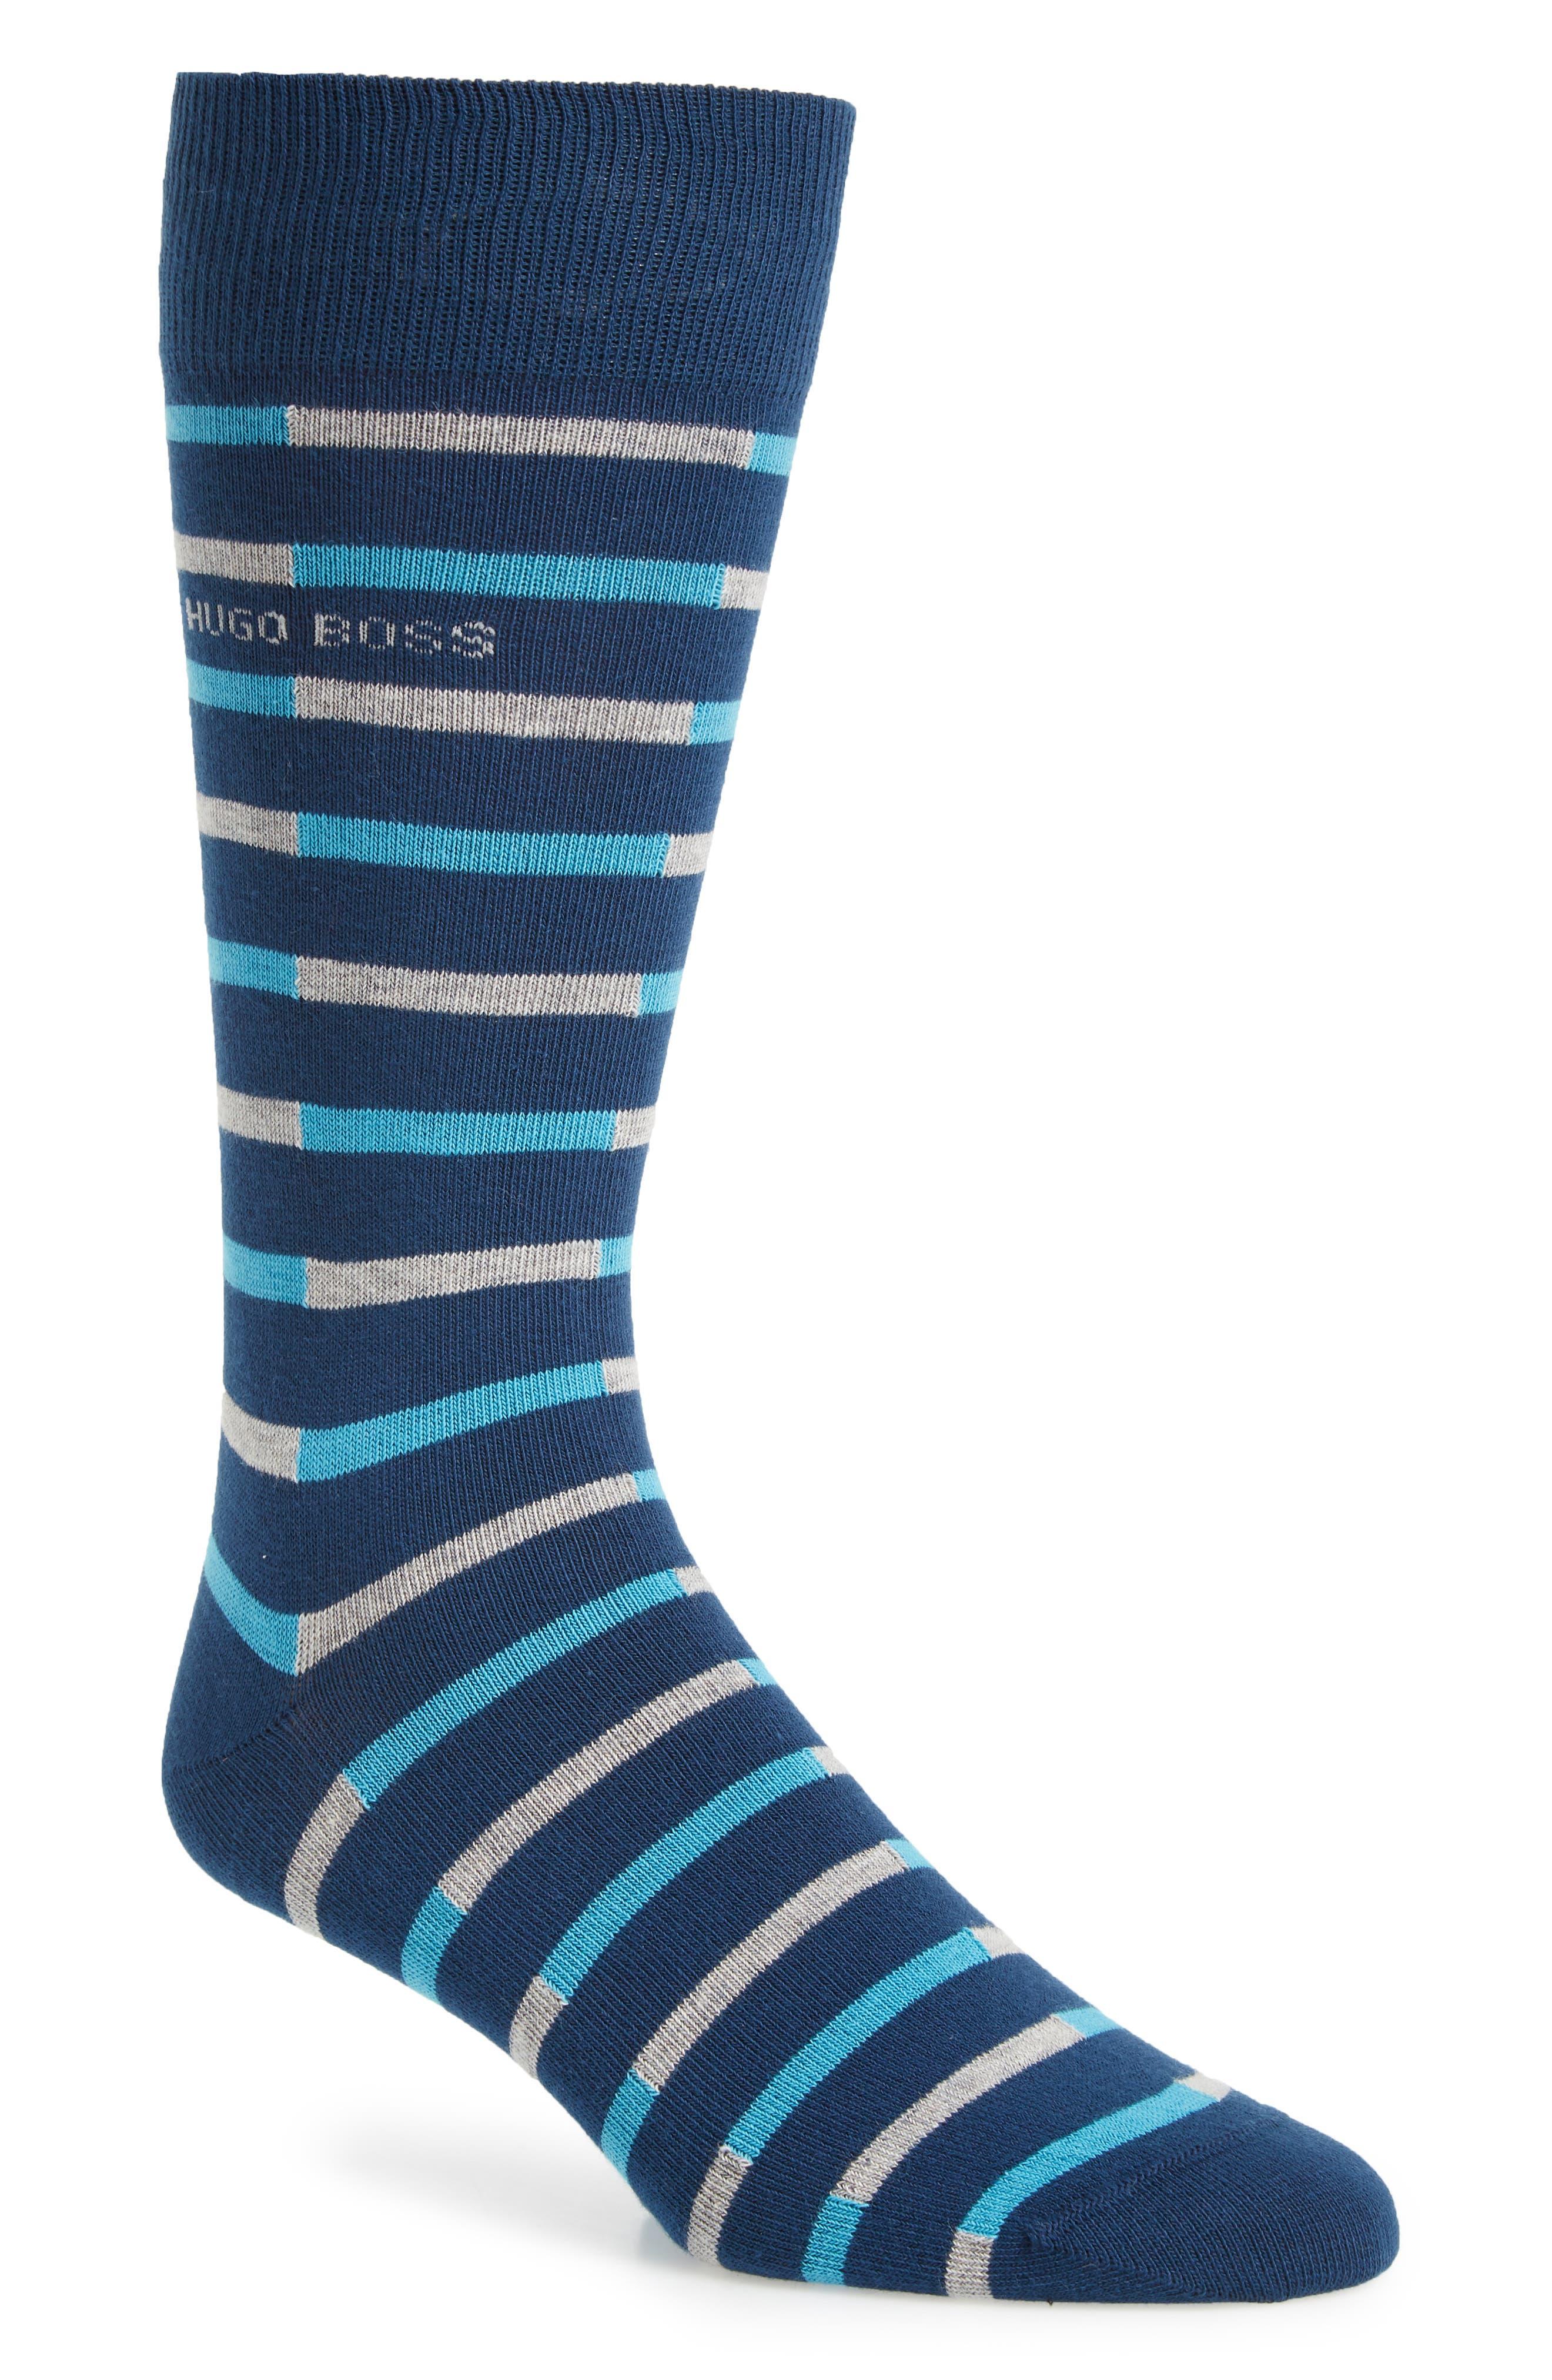 Stripe Socks,                             Main thumbnail 1, color,                             Blue